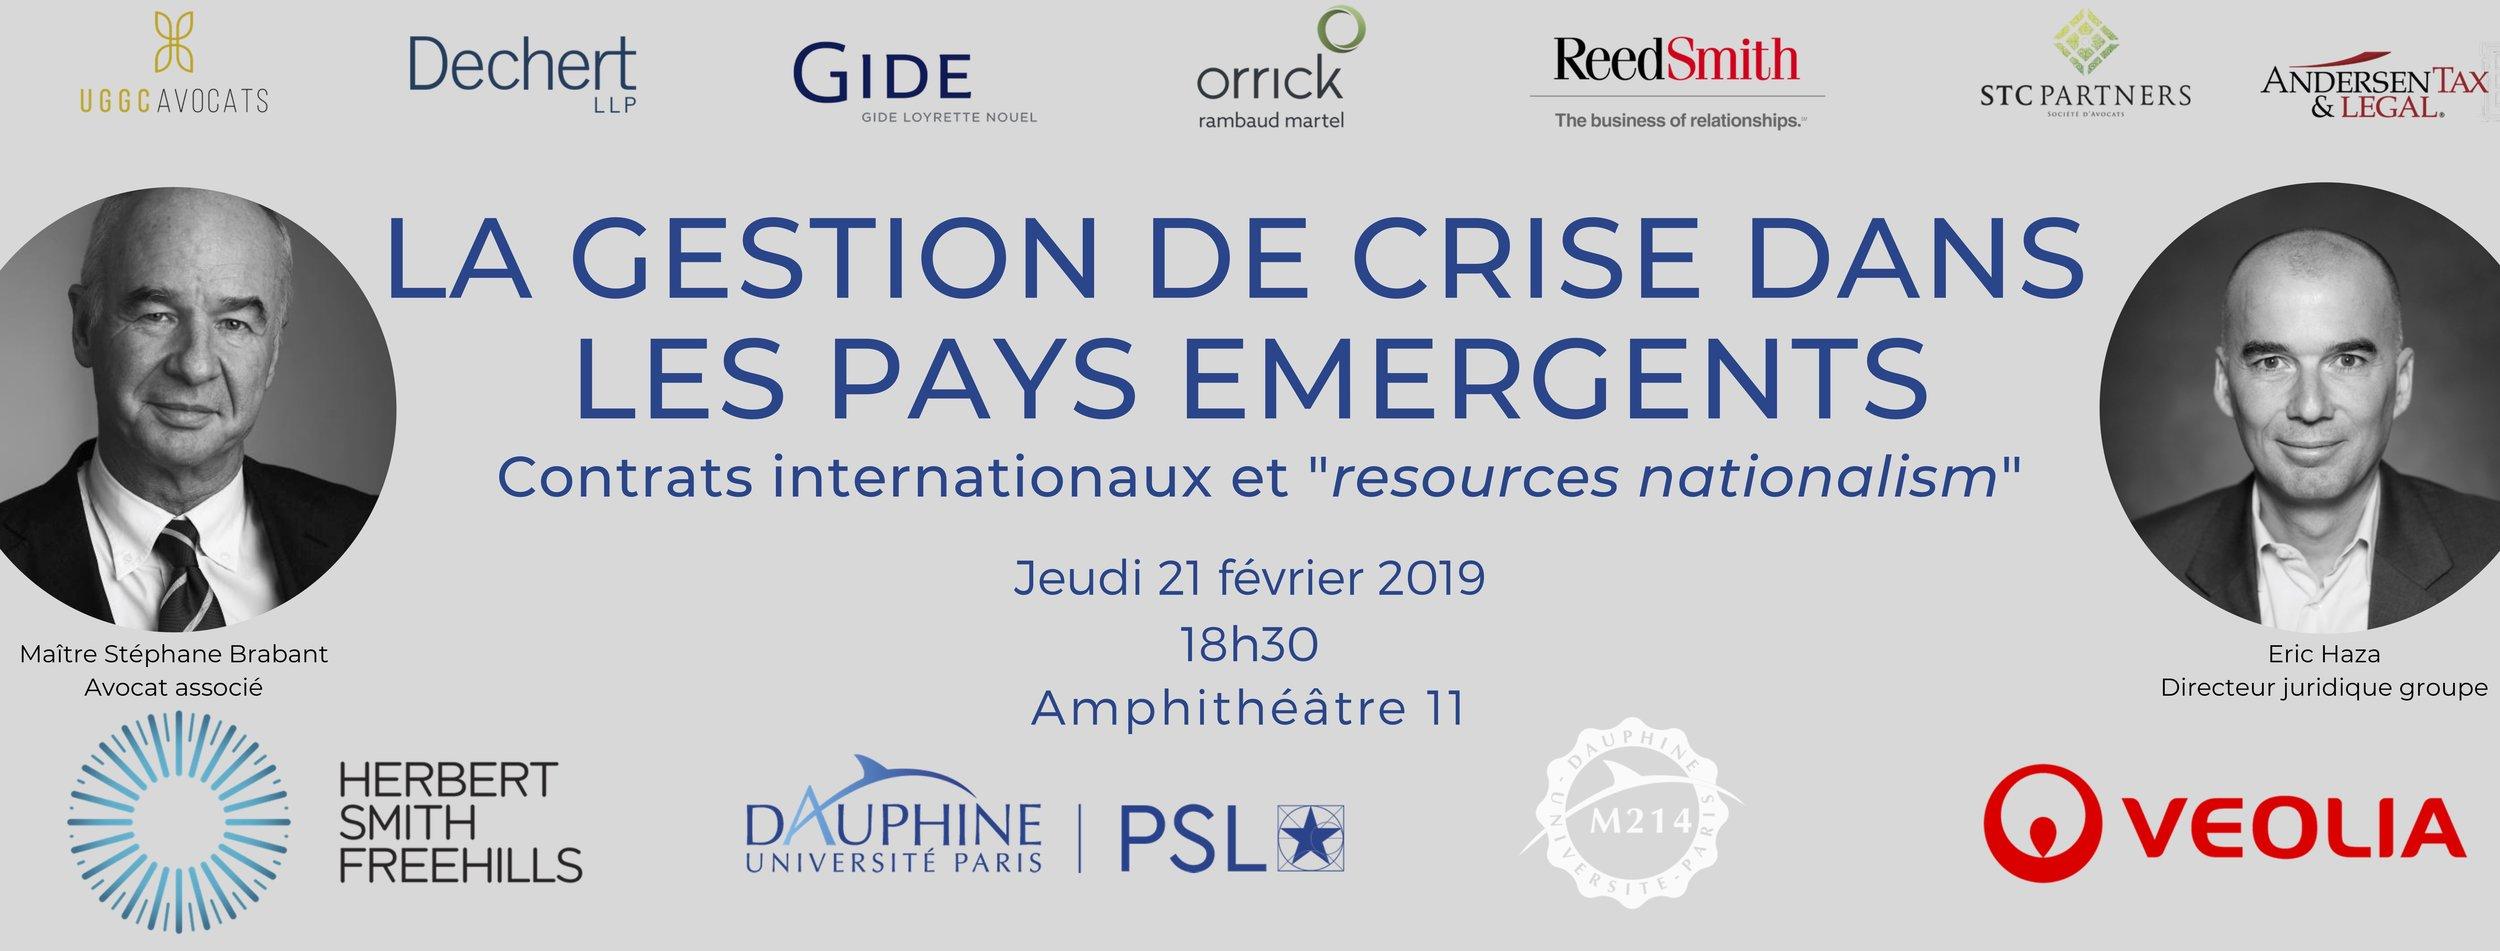 La-gestion-de-crise-dans-les-pays-émergents-2.jpg